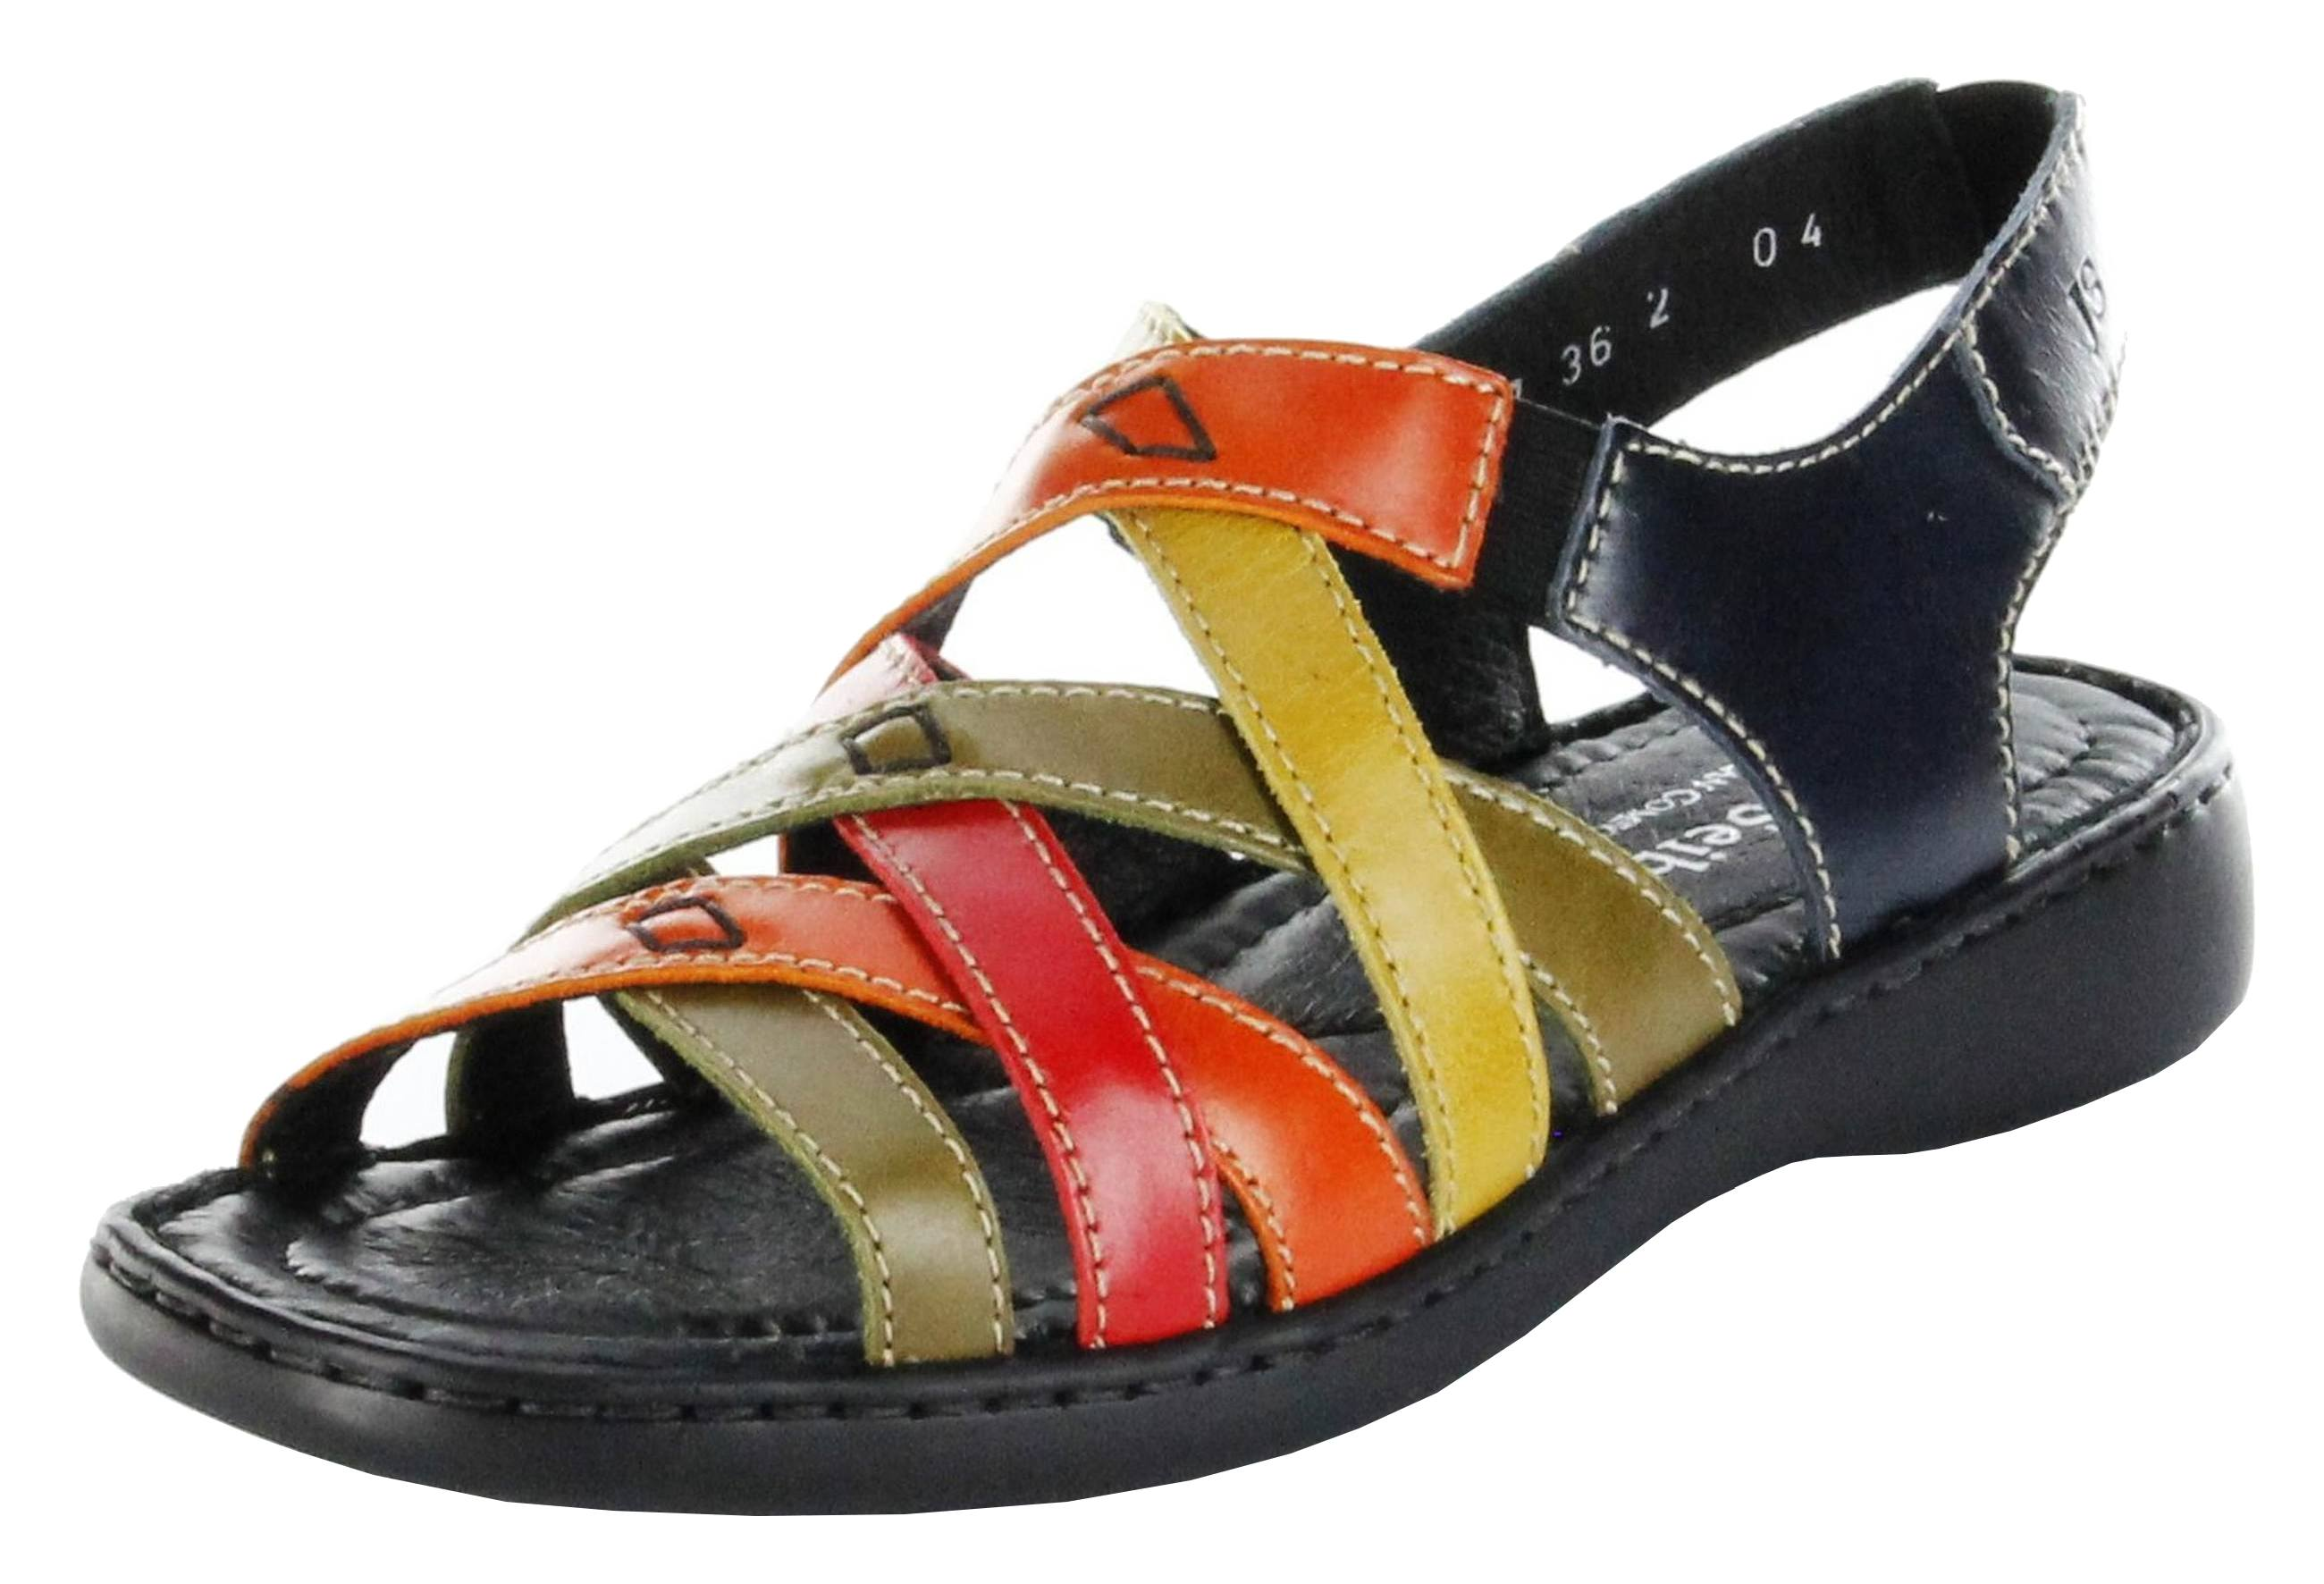 josef seibel sandaletten multicolor lederdeck keil leder damen schuhe lisa 03. Black Bedroom Furniture Sets. Home Design Ideas